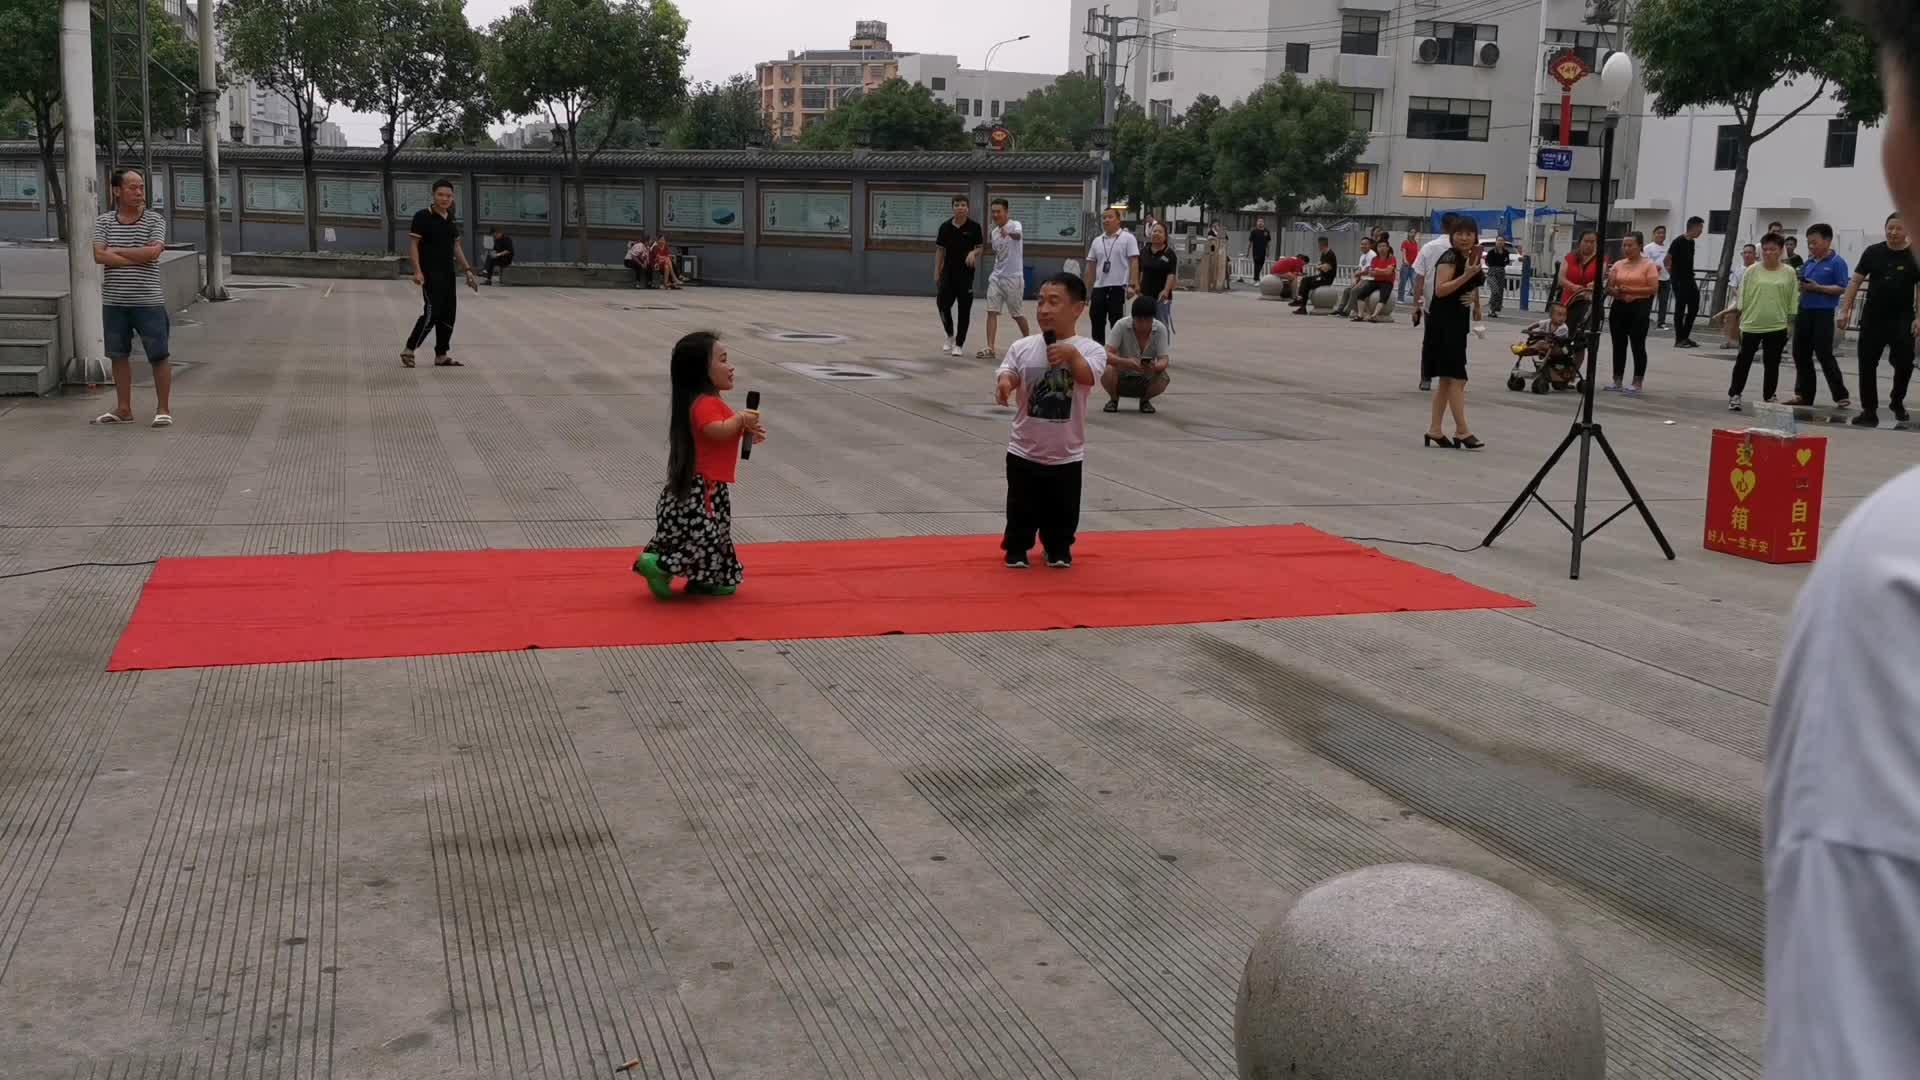 浙江温州实拍,70厘米的小矮人夫妻广场唱歌,吸引千人围观